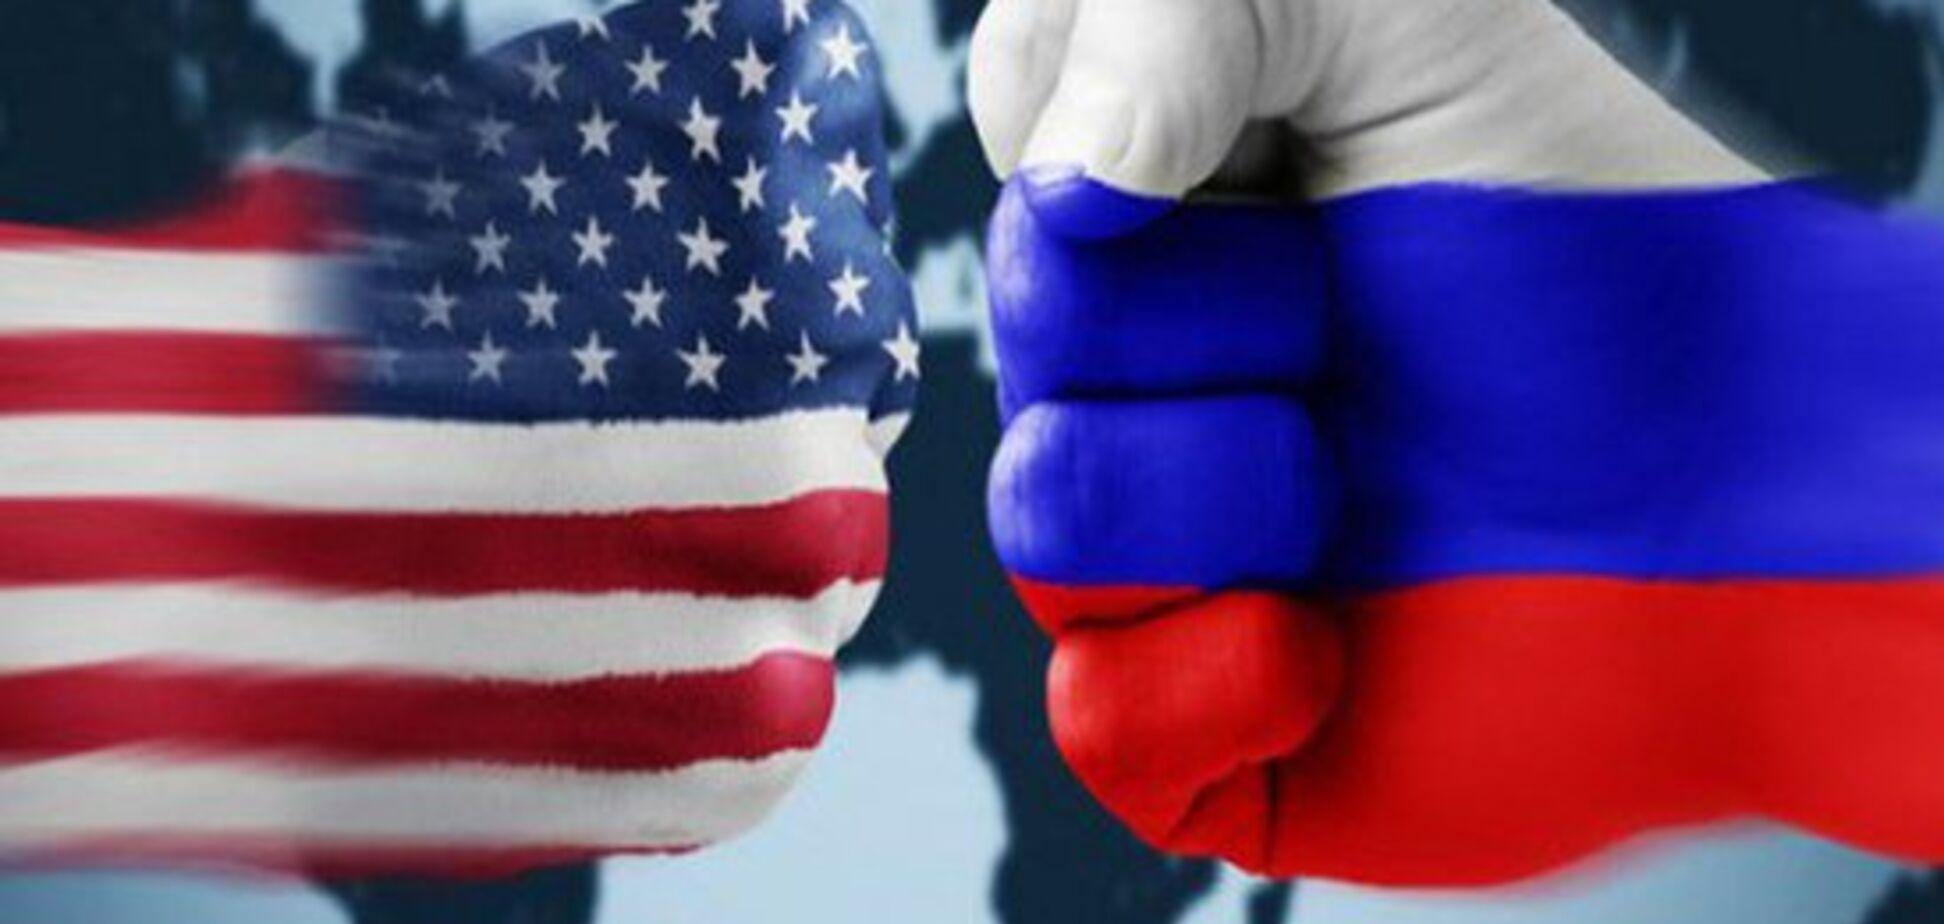 США ударят по России со всего оружия: озвучены сценарии большой войны